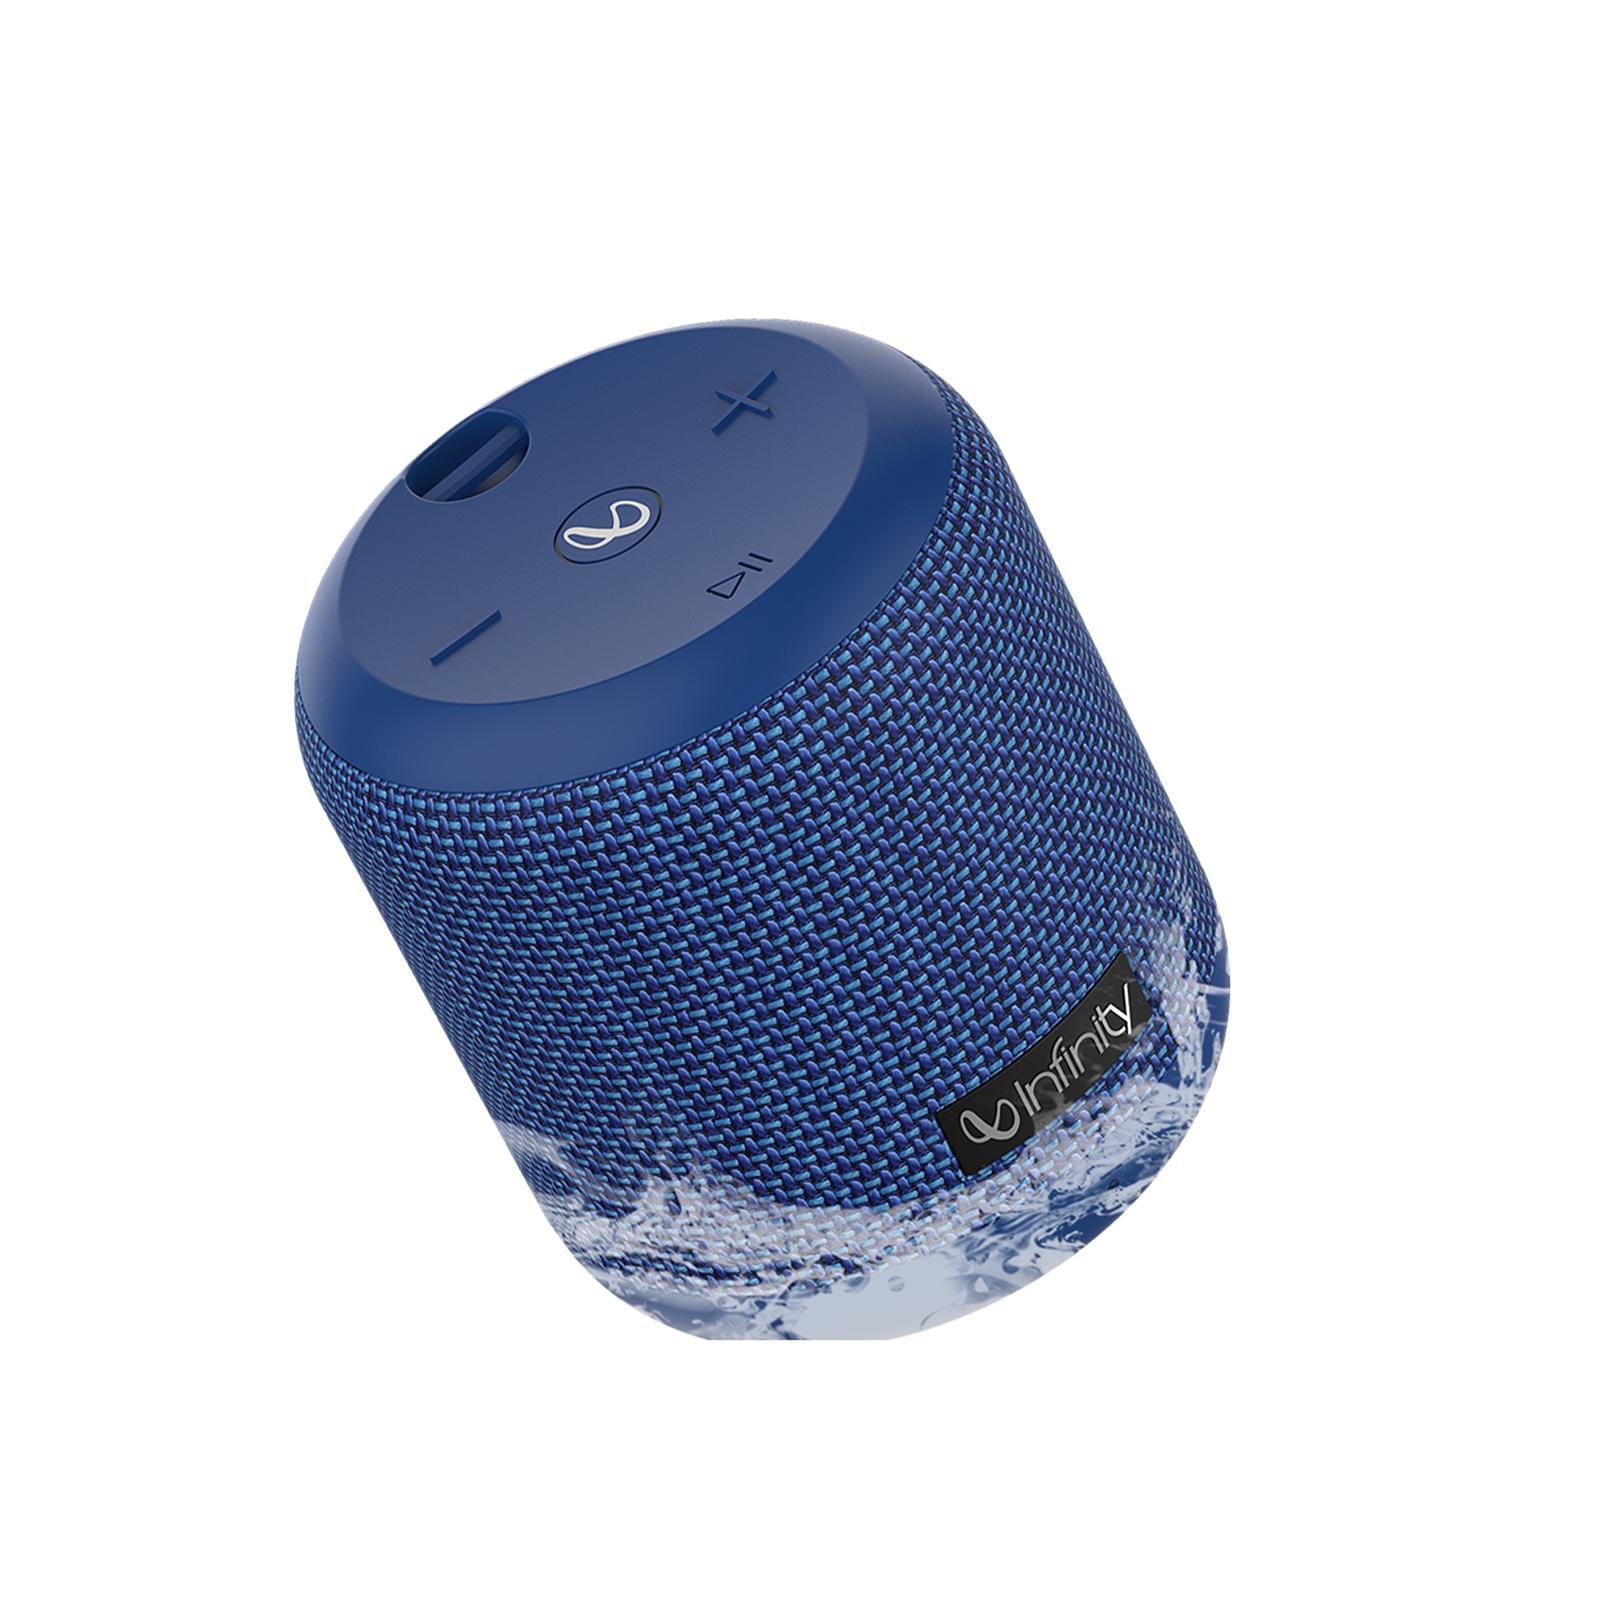 INFINITY FUZE 100 - Blue - Portable Wireless Speaker - Hero